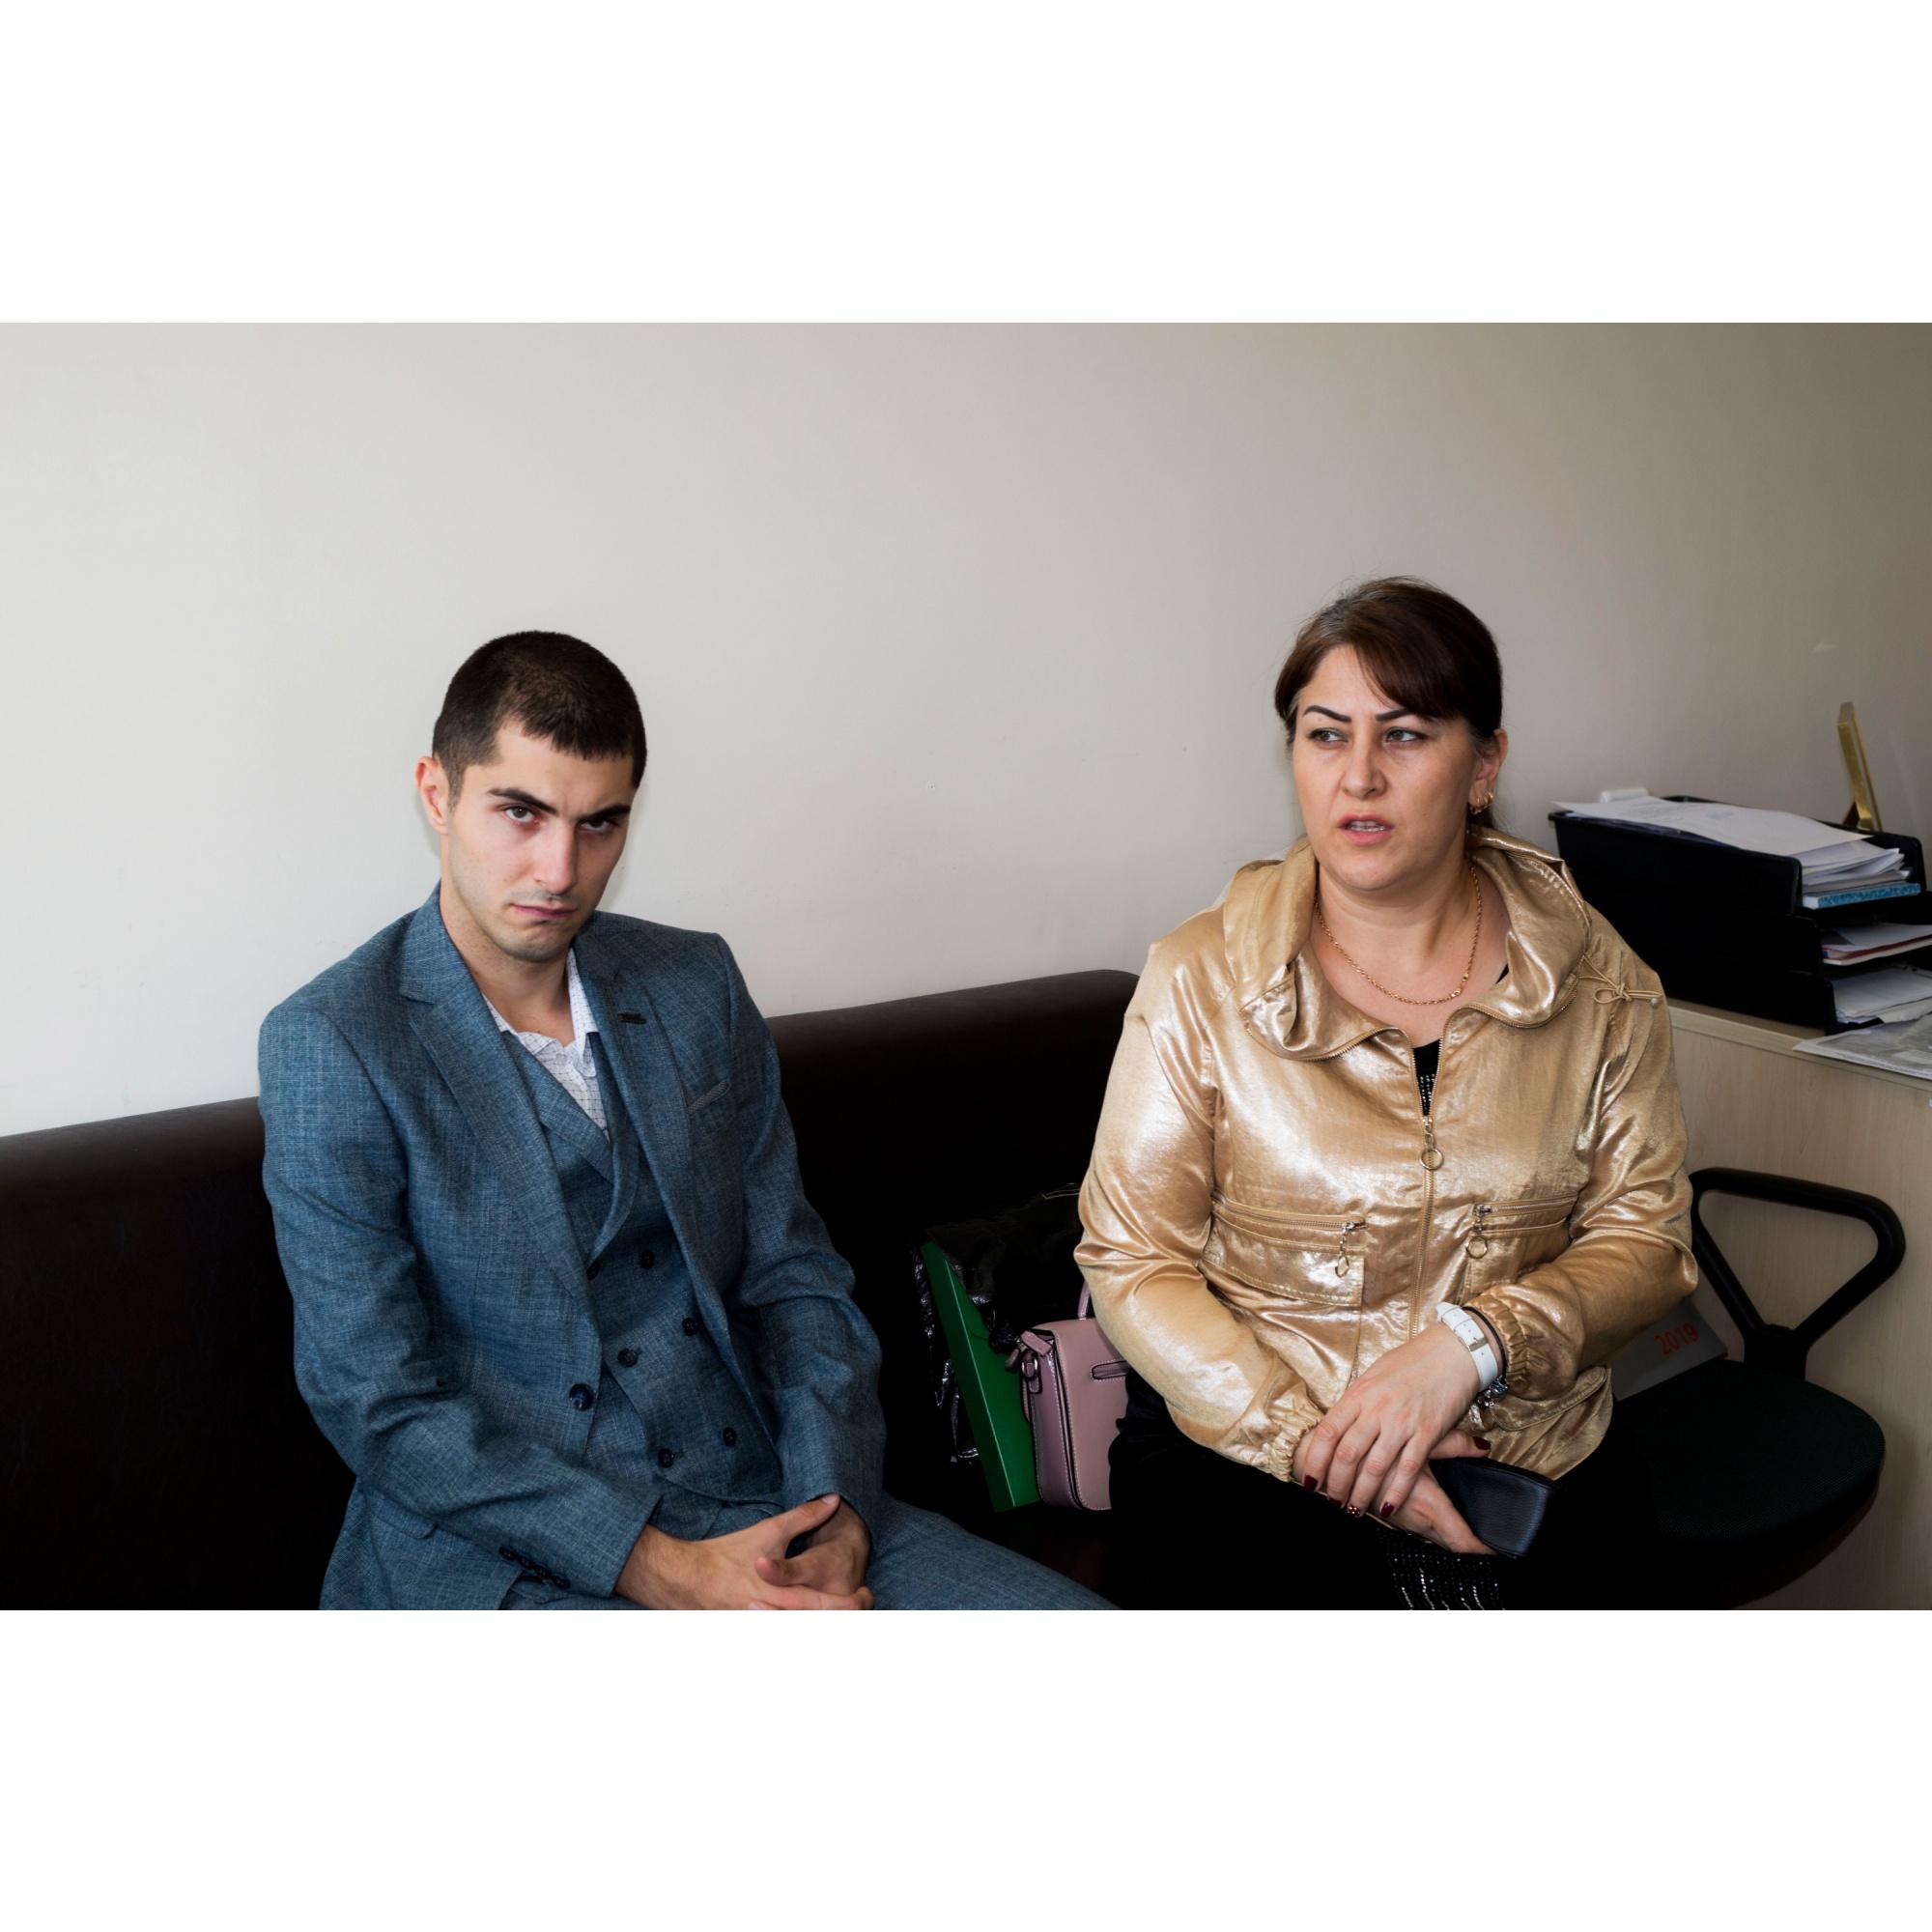 По словам матери, Гошгар сам себя обслуживает в быту — в этом ему практически не нужна помощь близких. Но с коммуникацией могут быть проблемы — из-за болезни он почти не разговариват